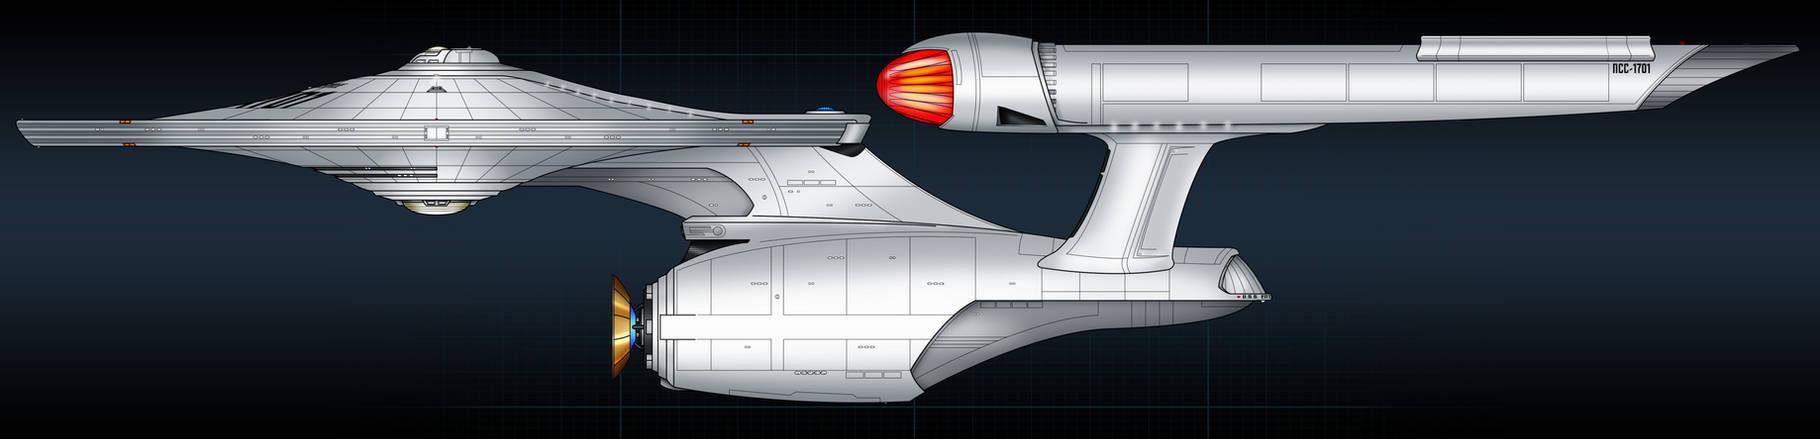 Enterprise concept colored